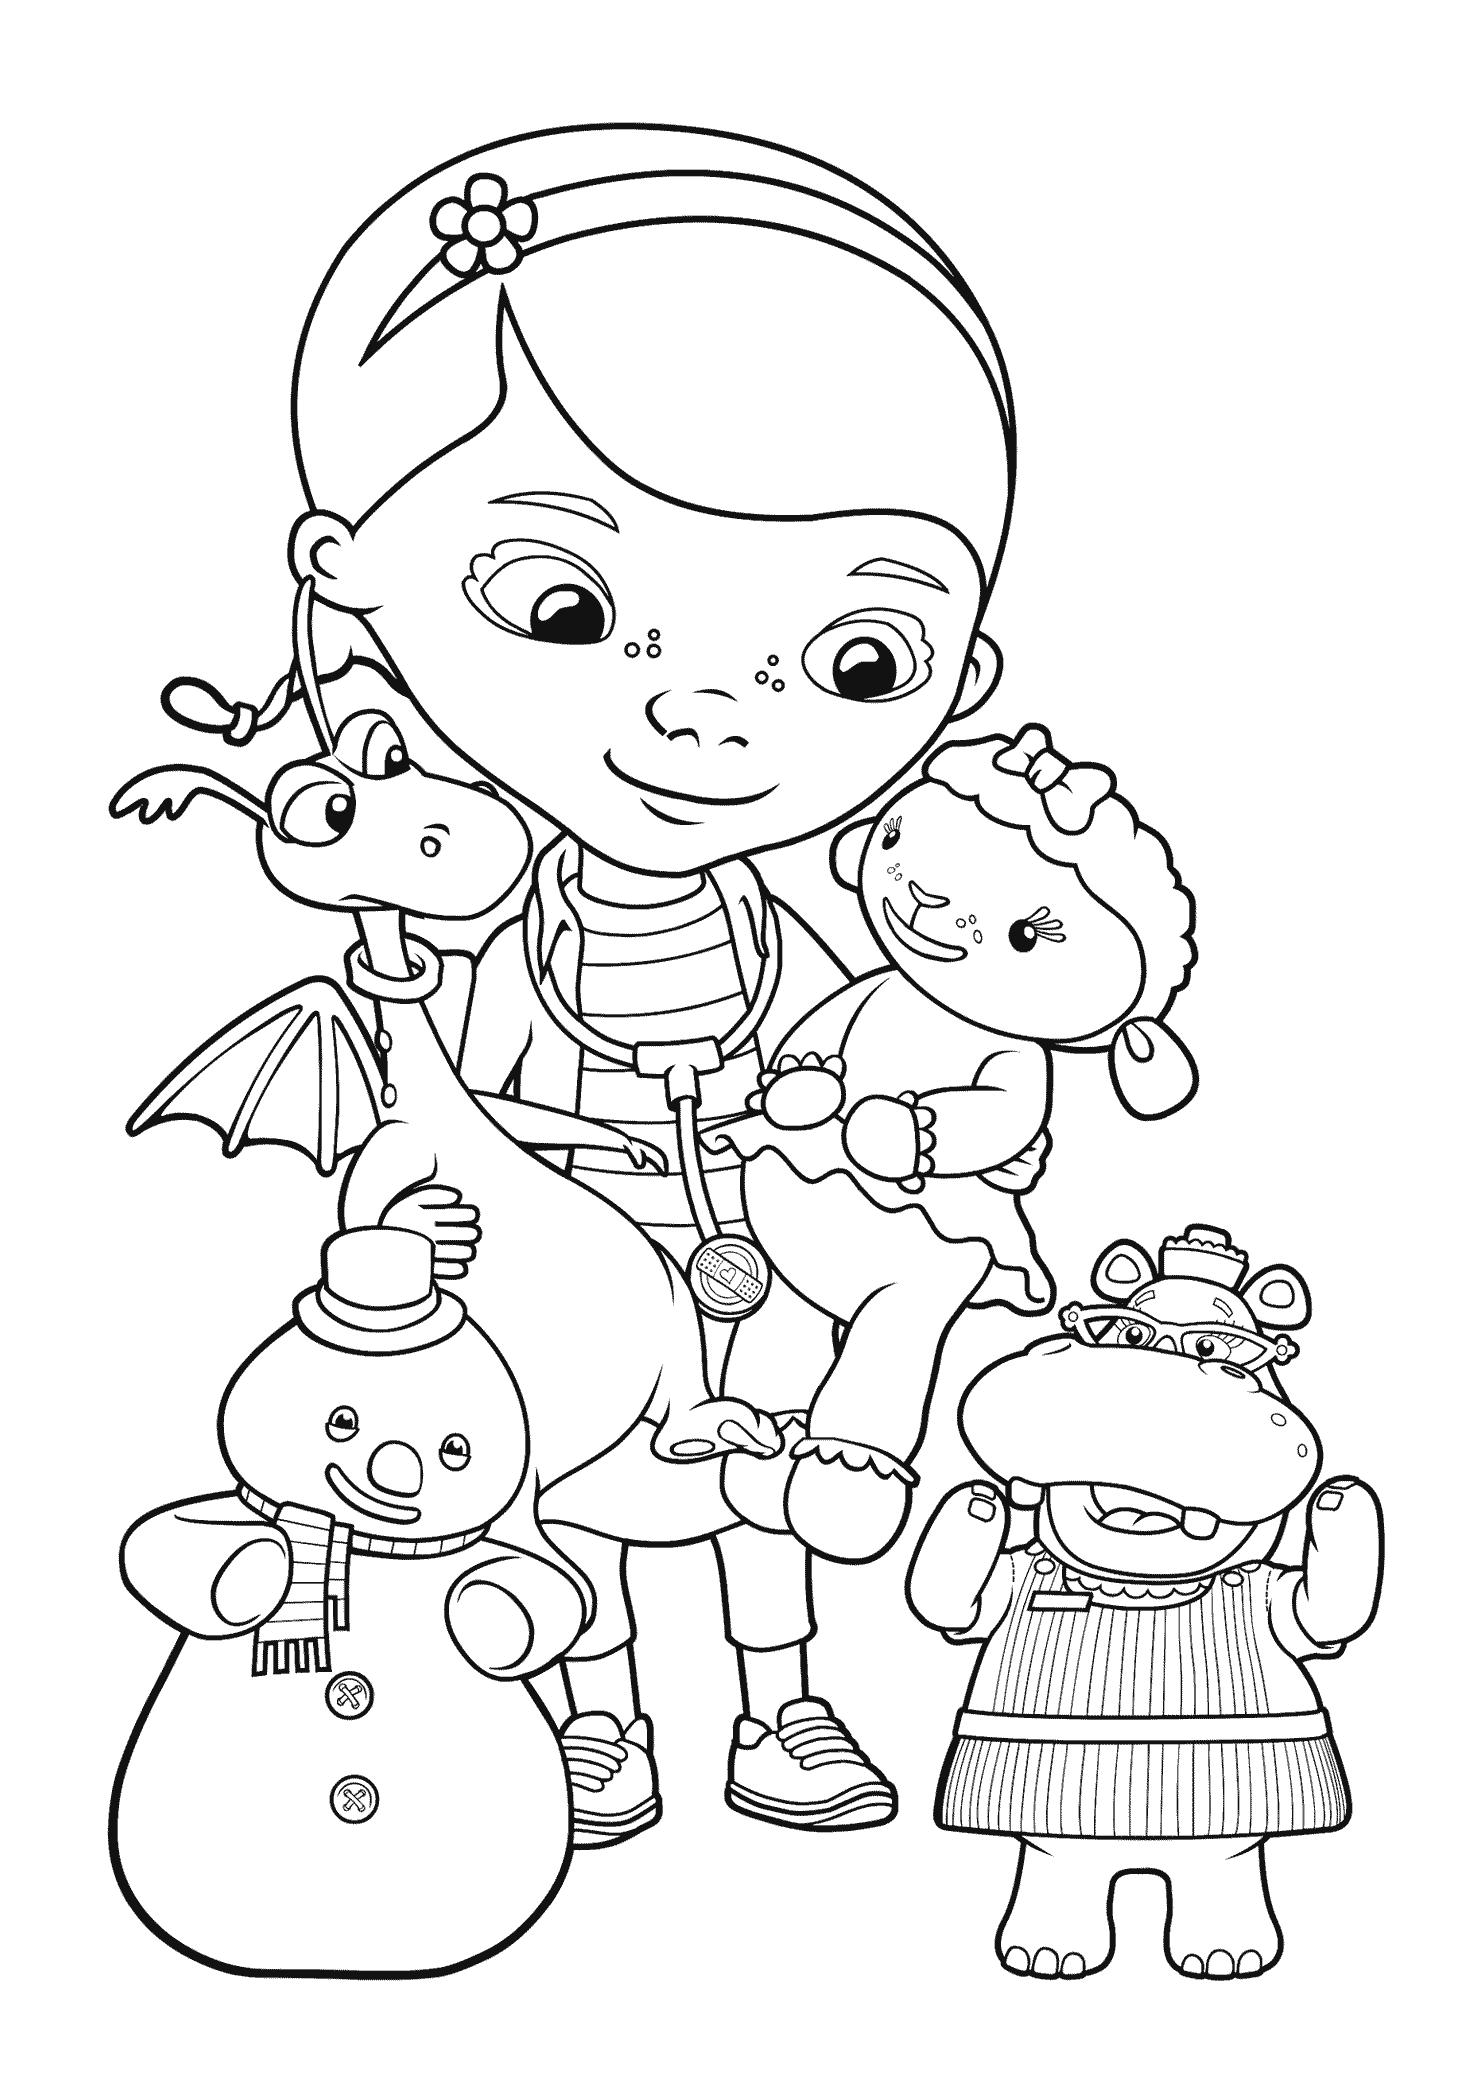 1483x2079 Doc Mcstuffins Drawing Doc Mcstuffins Coloring Pages Jacb